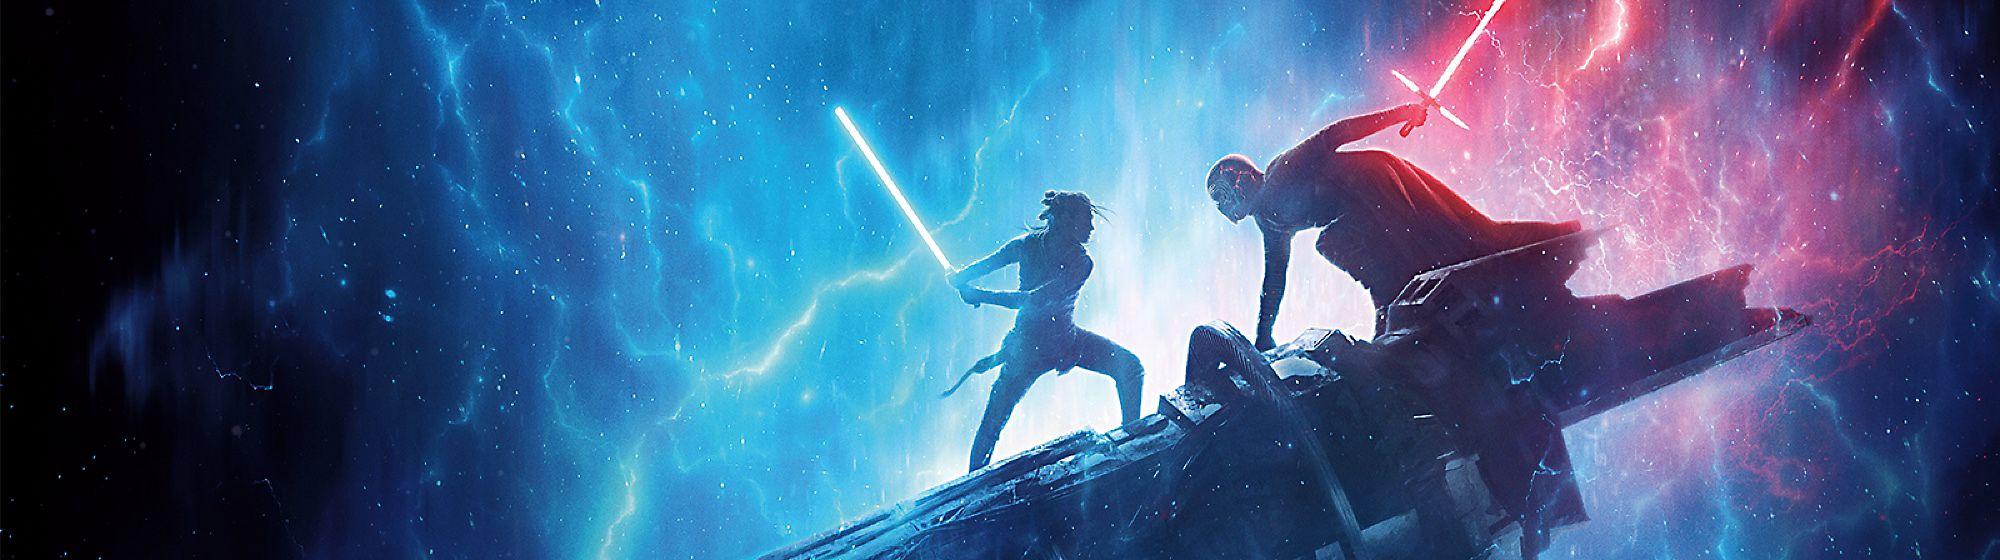 Che la Forza sia con te mentre scopri la nostra nuovissima collezione dedicata a Star Wars: L'Ascesa di Skywalker